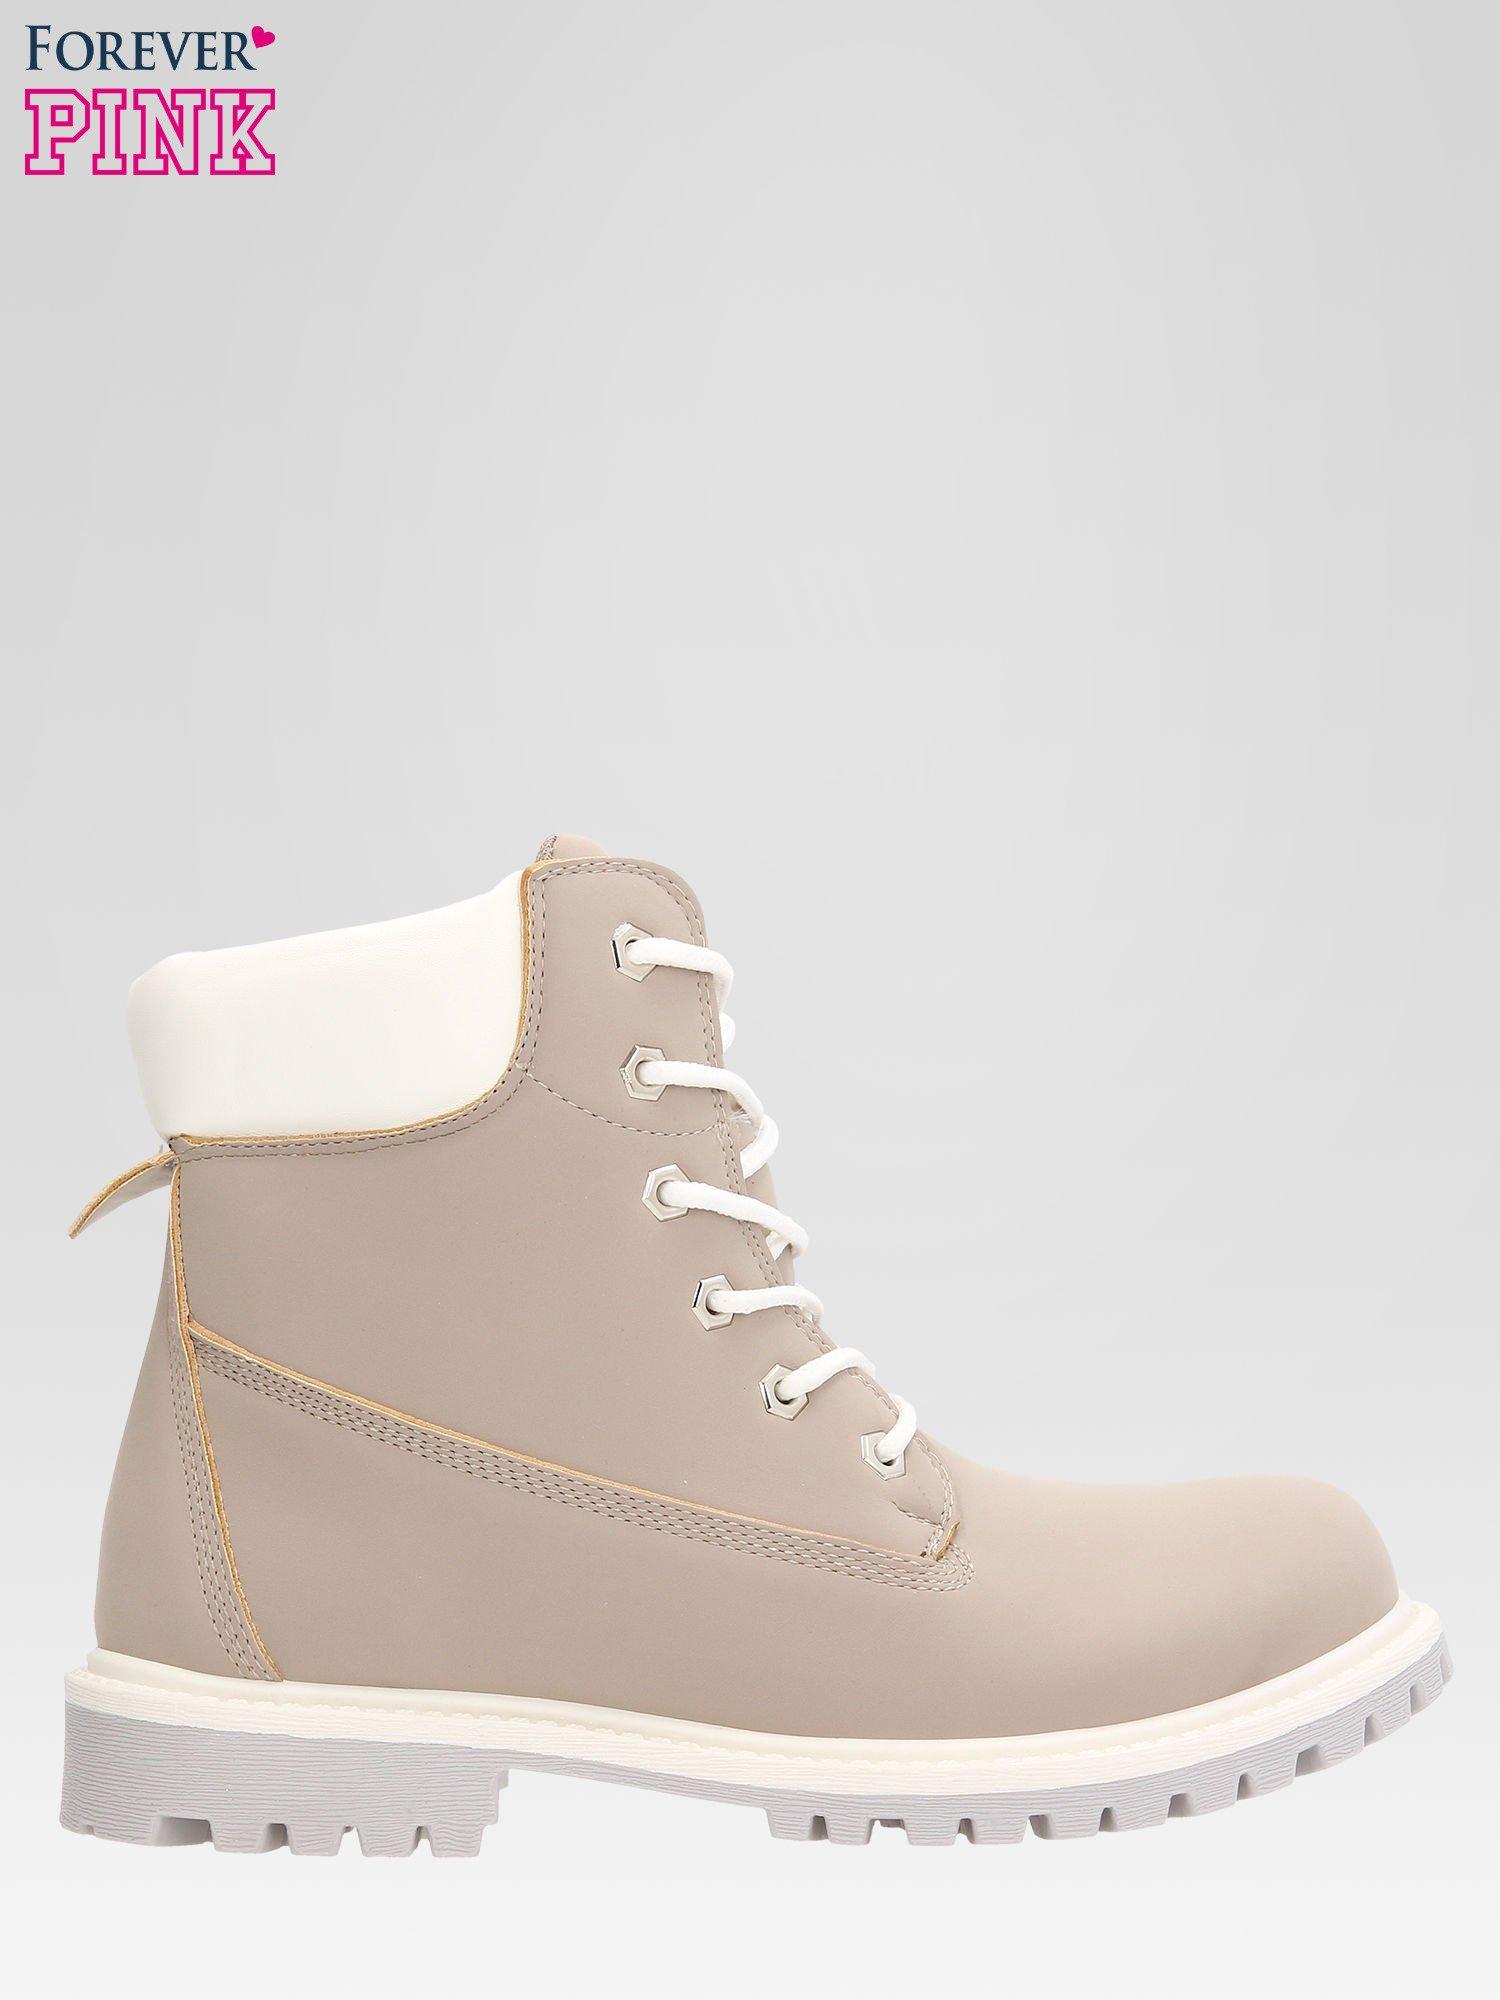 Szare buty trekkingowe damskie traperki                                  zdj.                                  1